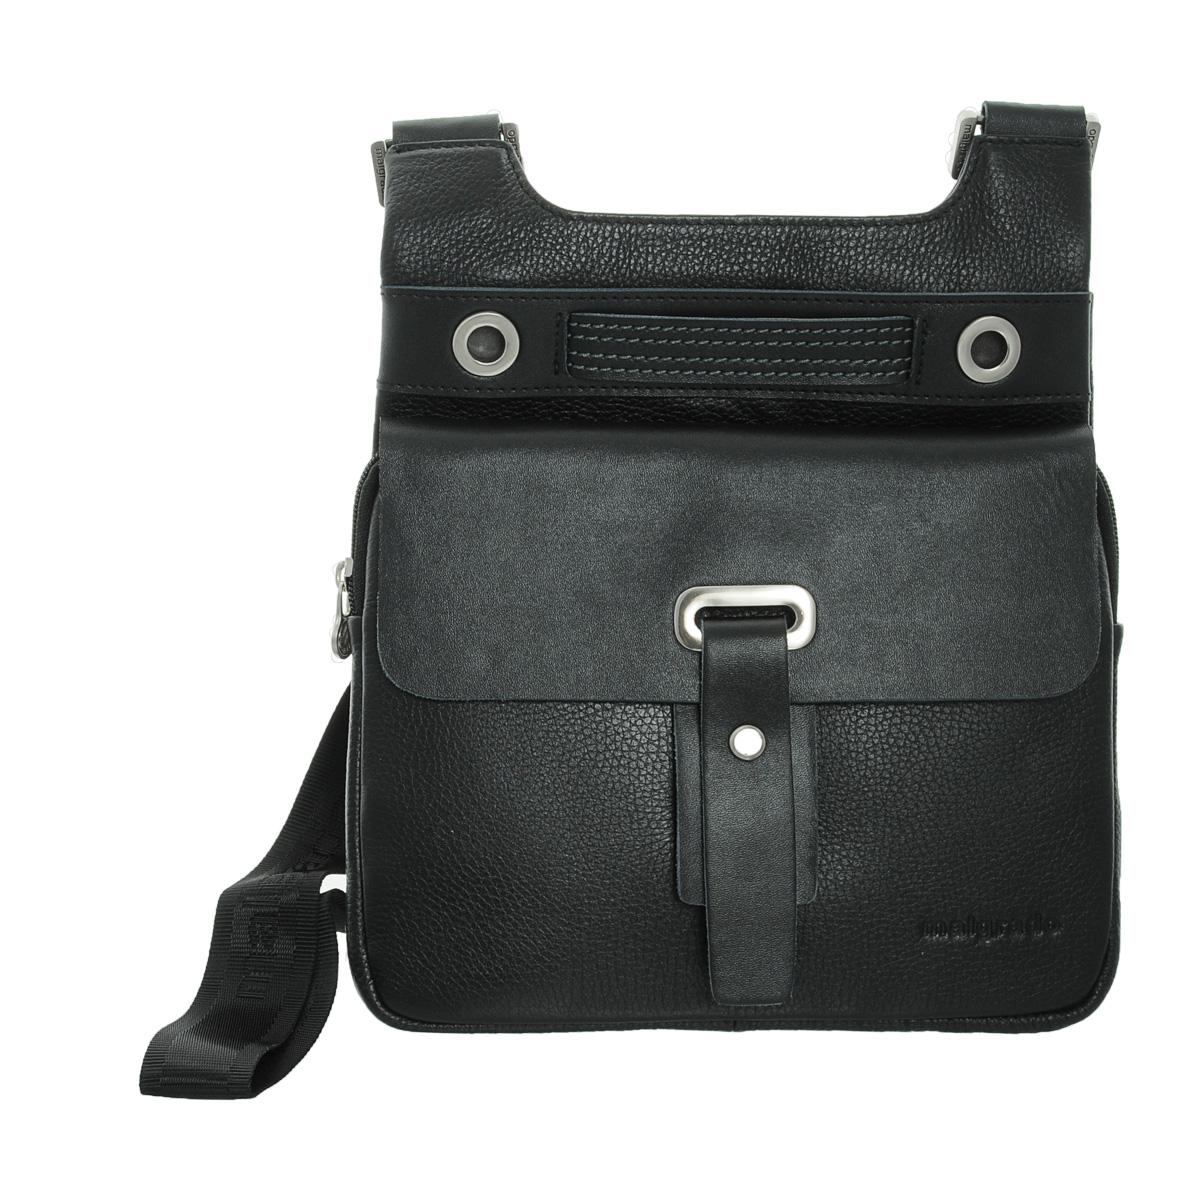 Сумка мужская Malgrado, цвет: черный. BR25-364C1869BR25-364C1869 black сумка мужская MalgradoОригинальная мужская сумка Malgrado из натуральной кожи. Сумка с удобным плечевым ремнем. Основное отделение закрывается на молнию. Спереди удобный карман, закрывающийся на молнию и хлястик на магнитной кнопке. Внутри - два кармашка для мелочей и мобильного телефона, три отверстия для ручек.